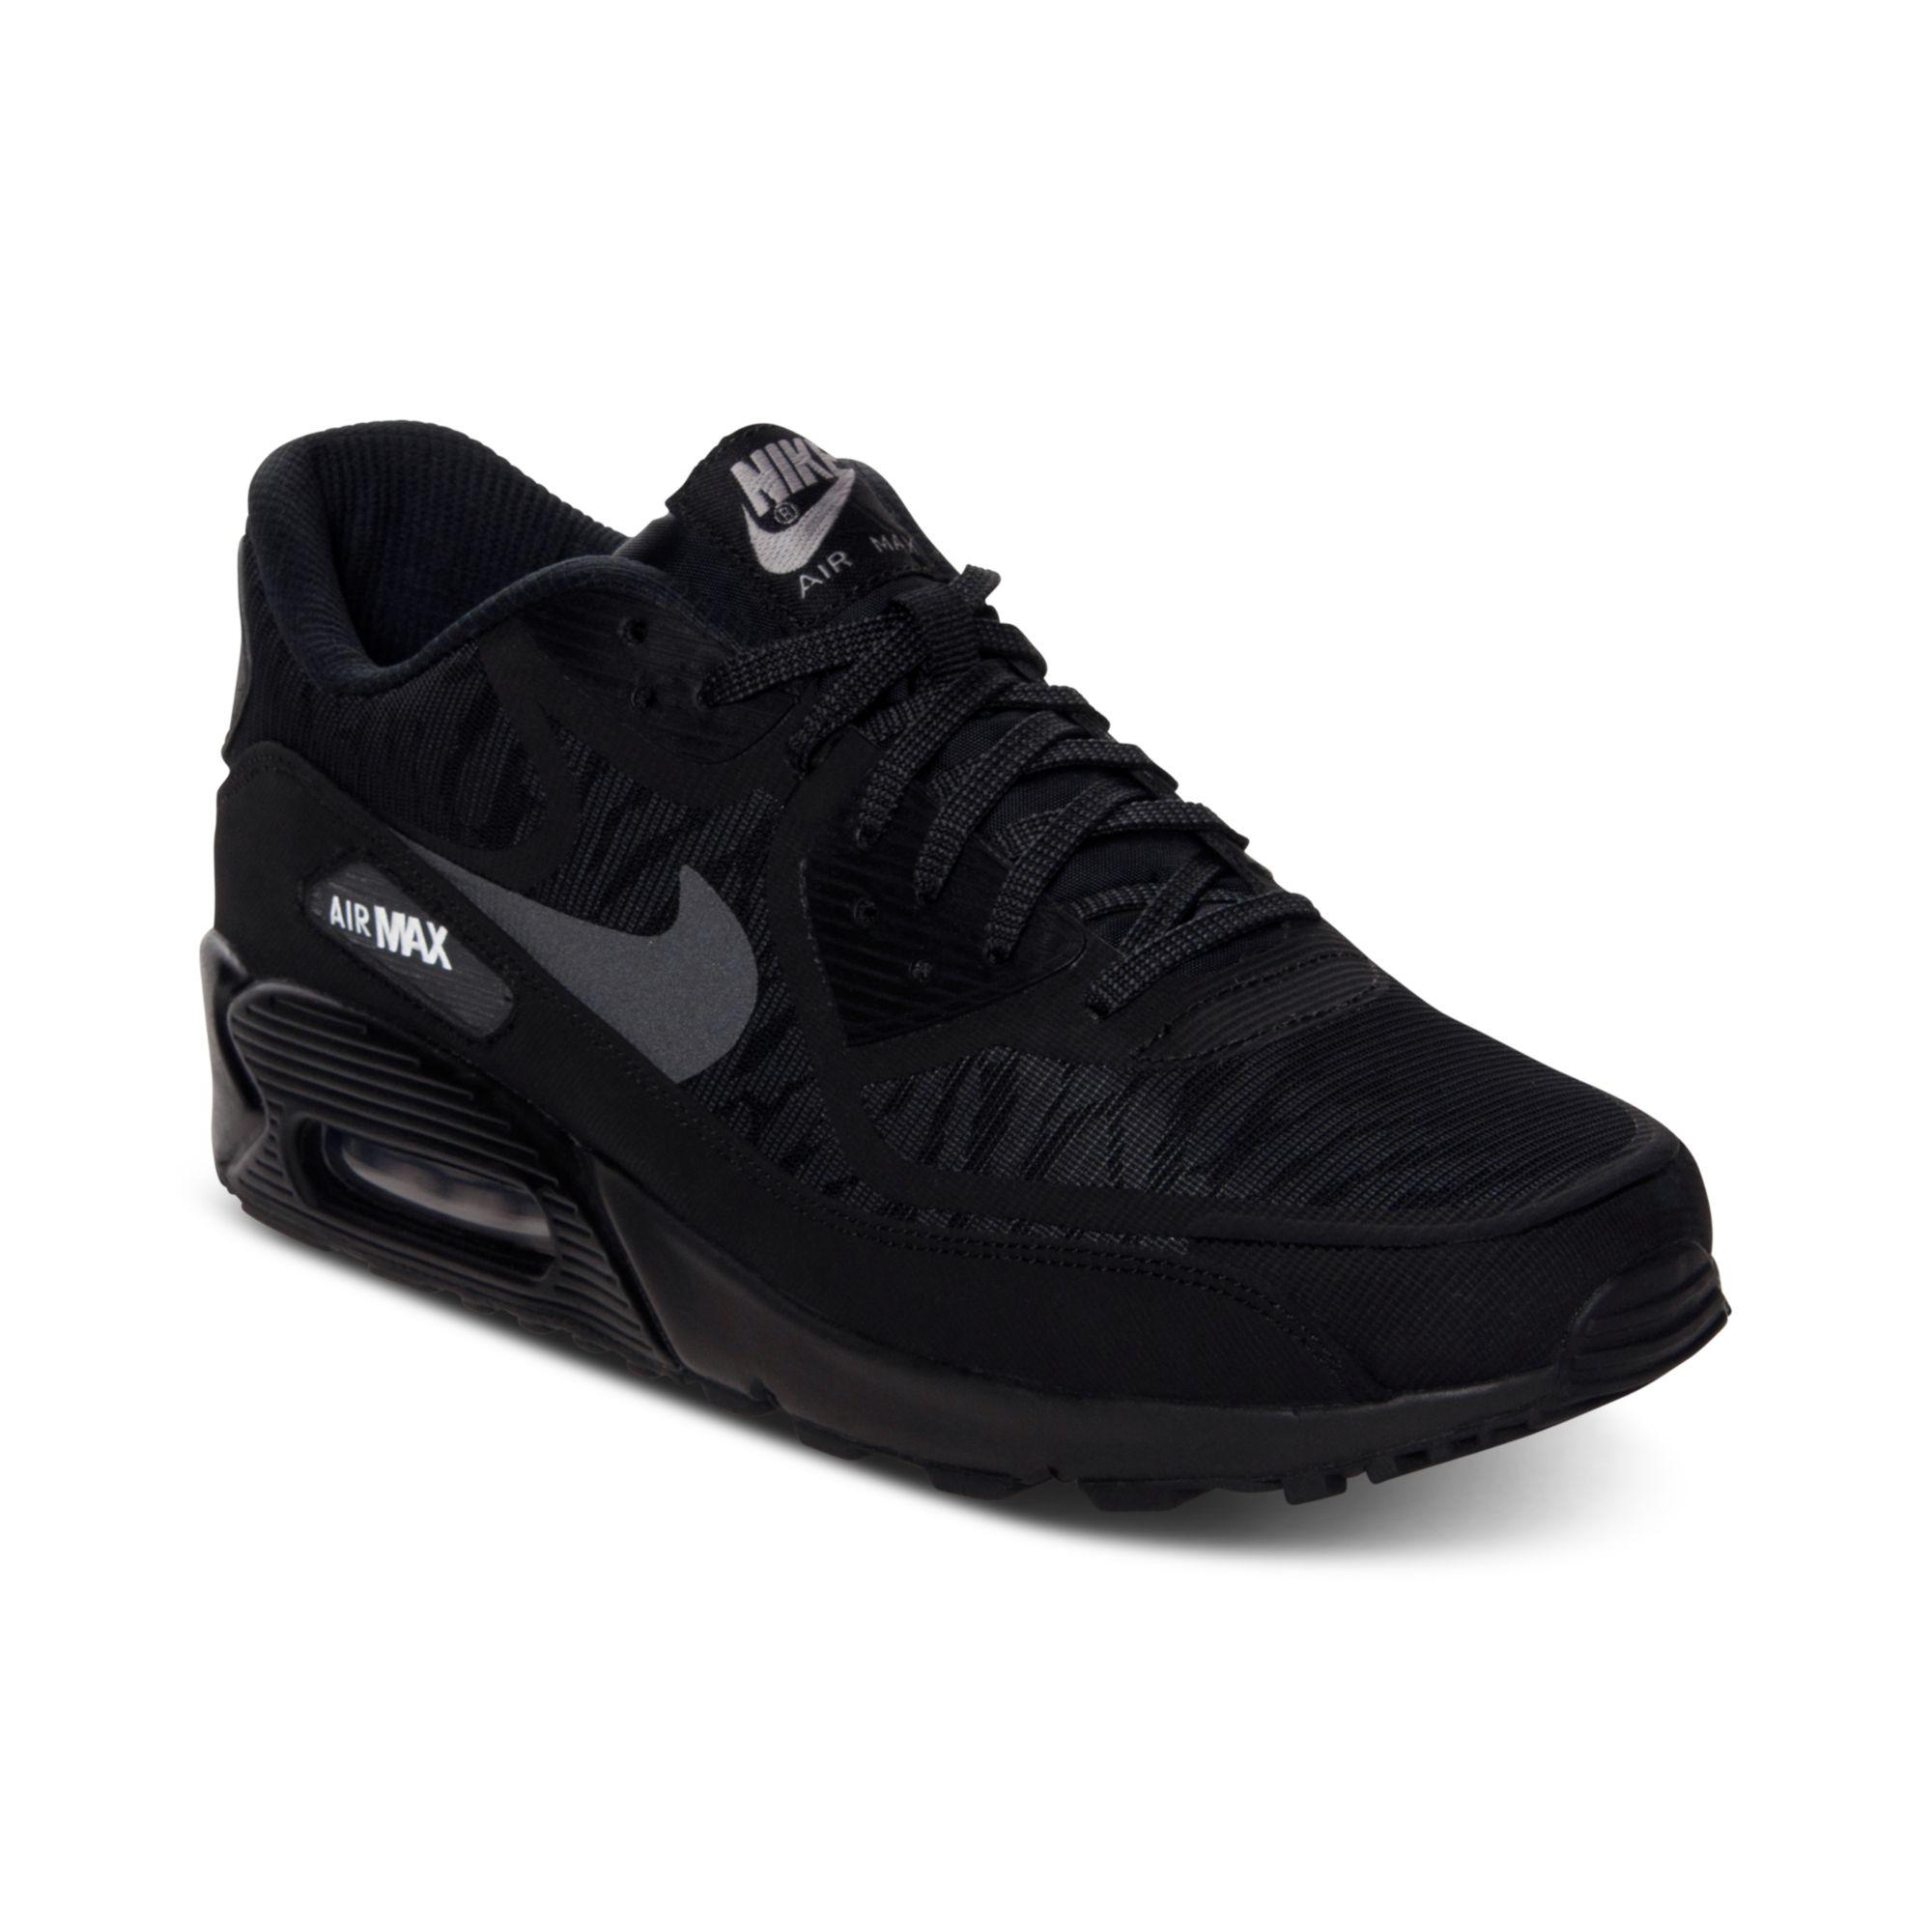 Nike Mens Air Max 90 Comfort Premium Tape Running Sneakers ...